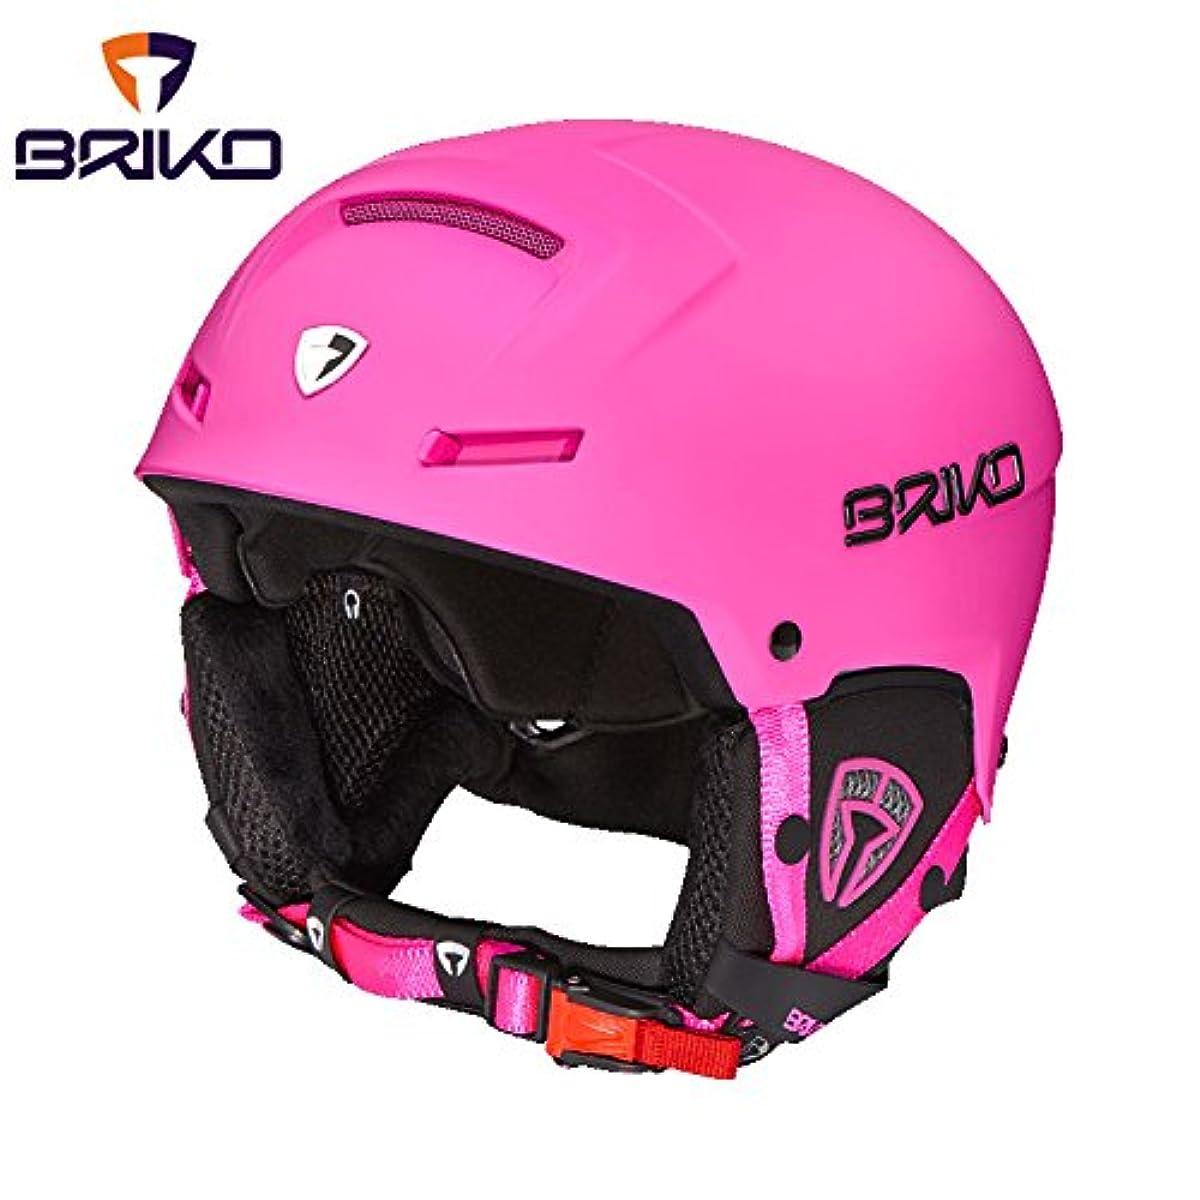 [해외] BRIKO(브리고)FAITO 프리 라이드 스키 헬멧 맨즈 레이디스 967(매트 rhodamine) 20001M0-